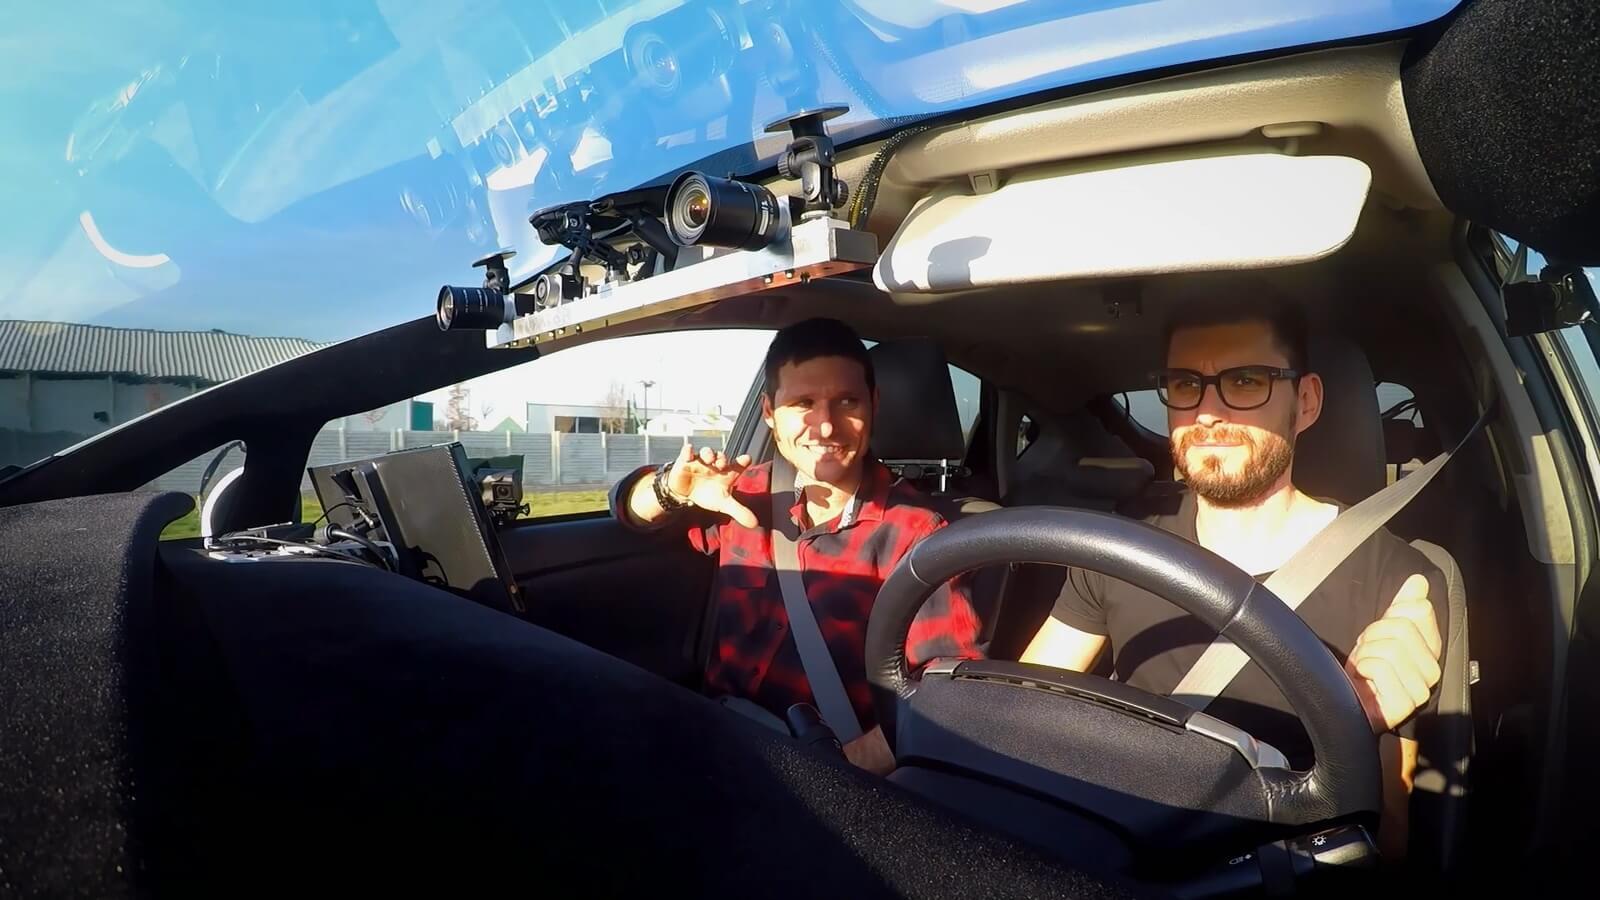 Технология автономного вождения AImotive использует камеры